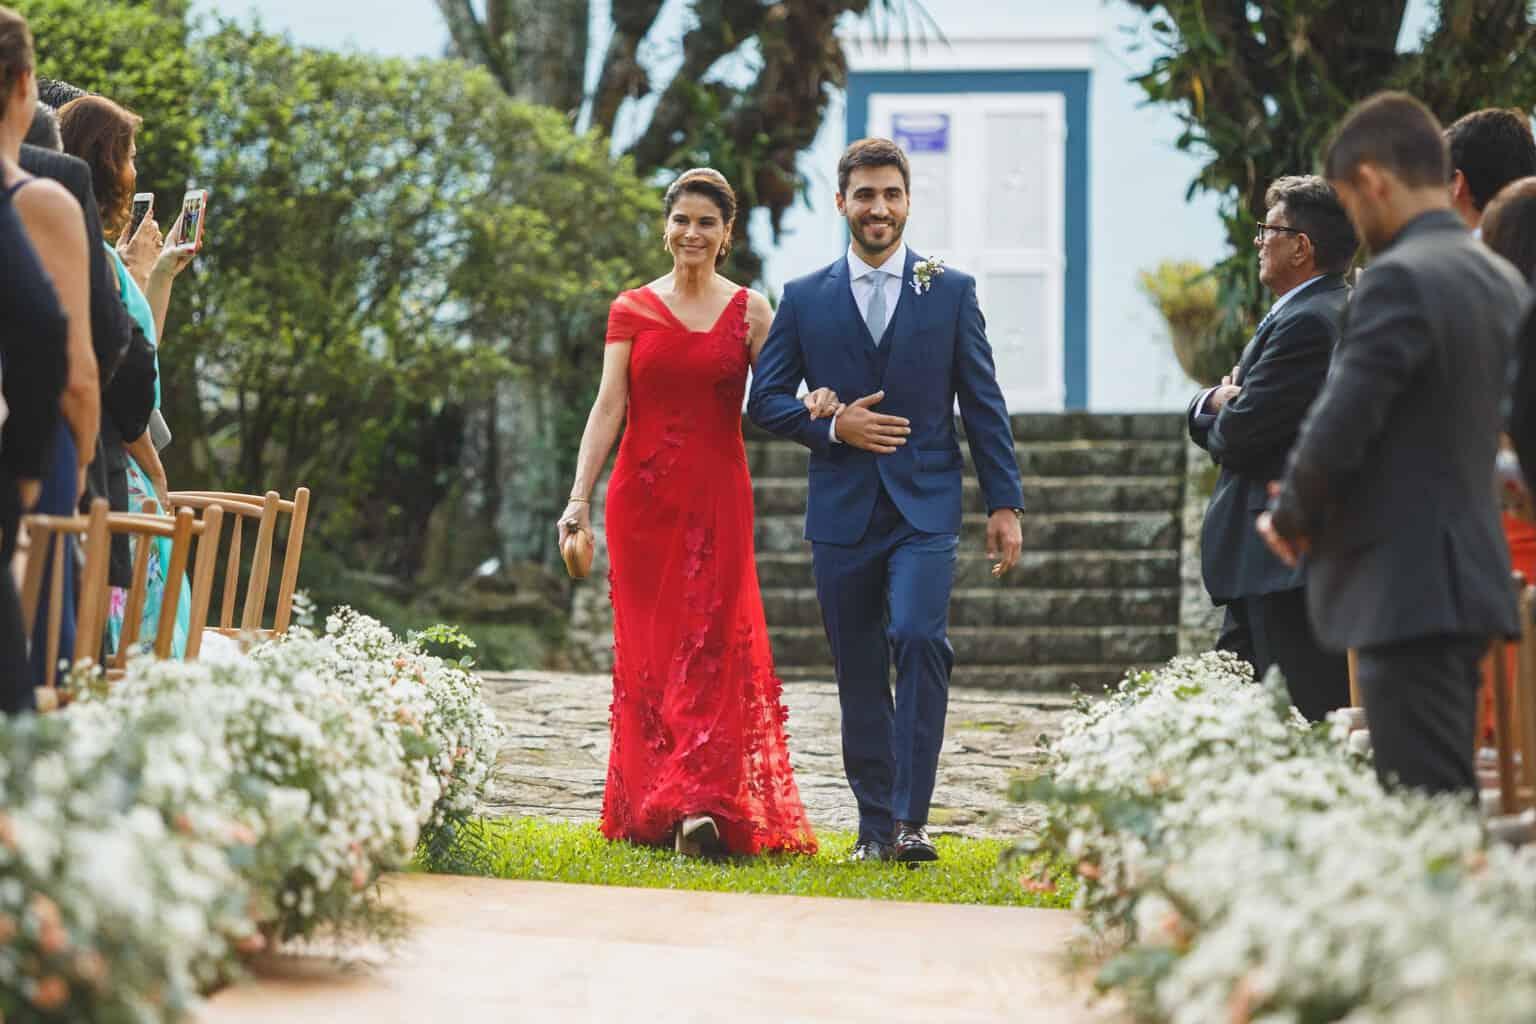 casamento-na-Fazenda-Vila-Rica-cerimonia-ao-ar-livre-cerimonial-Ana-Paula-Tabet-Fotografia-Euka-Weddings-Renata-e-Gabriel58